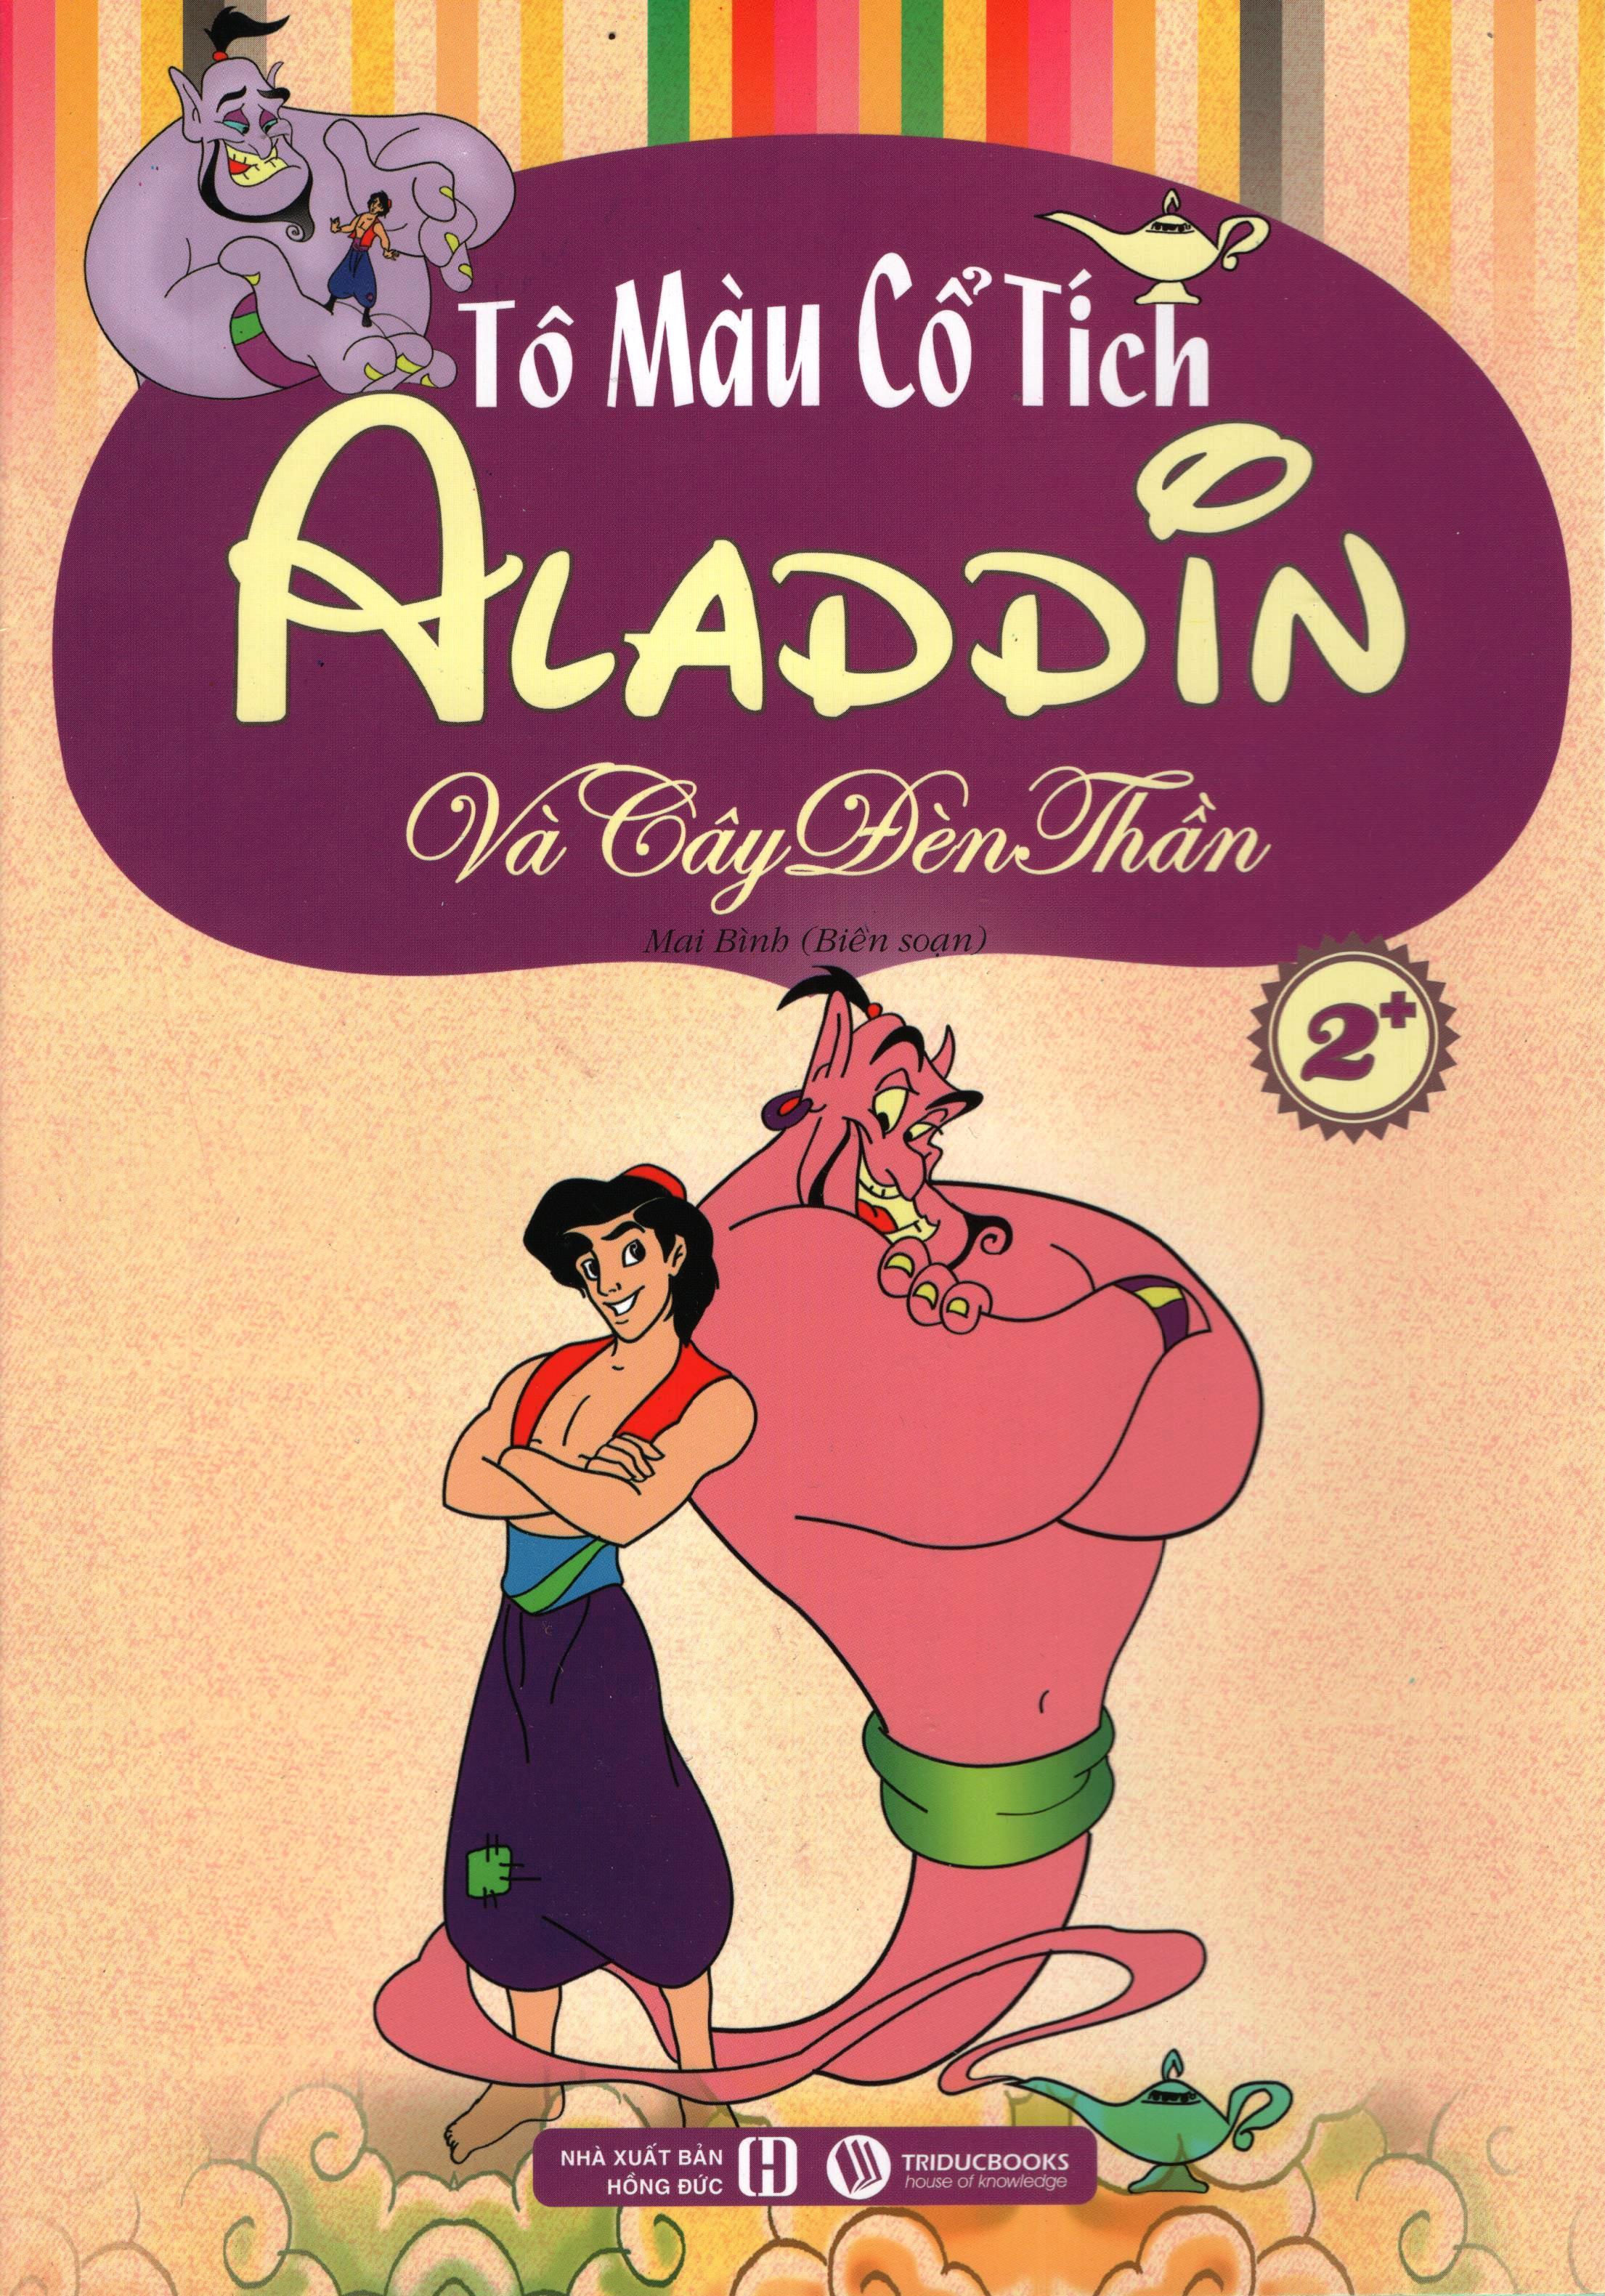 Bìa sách Tô Màu Cổ Tích – Aladdin Và Cây Đèn Thần